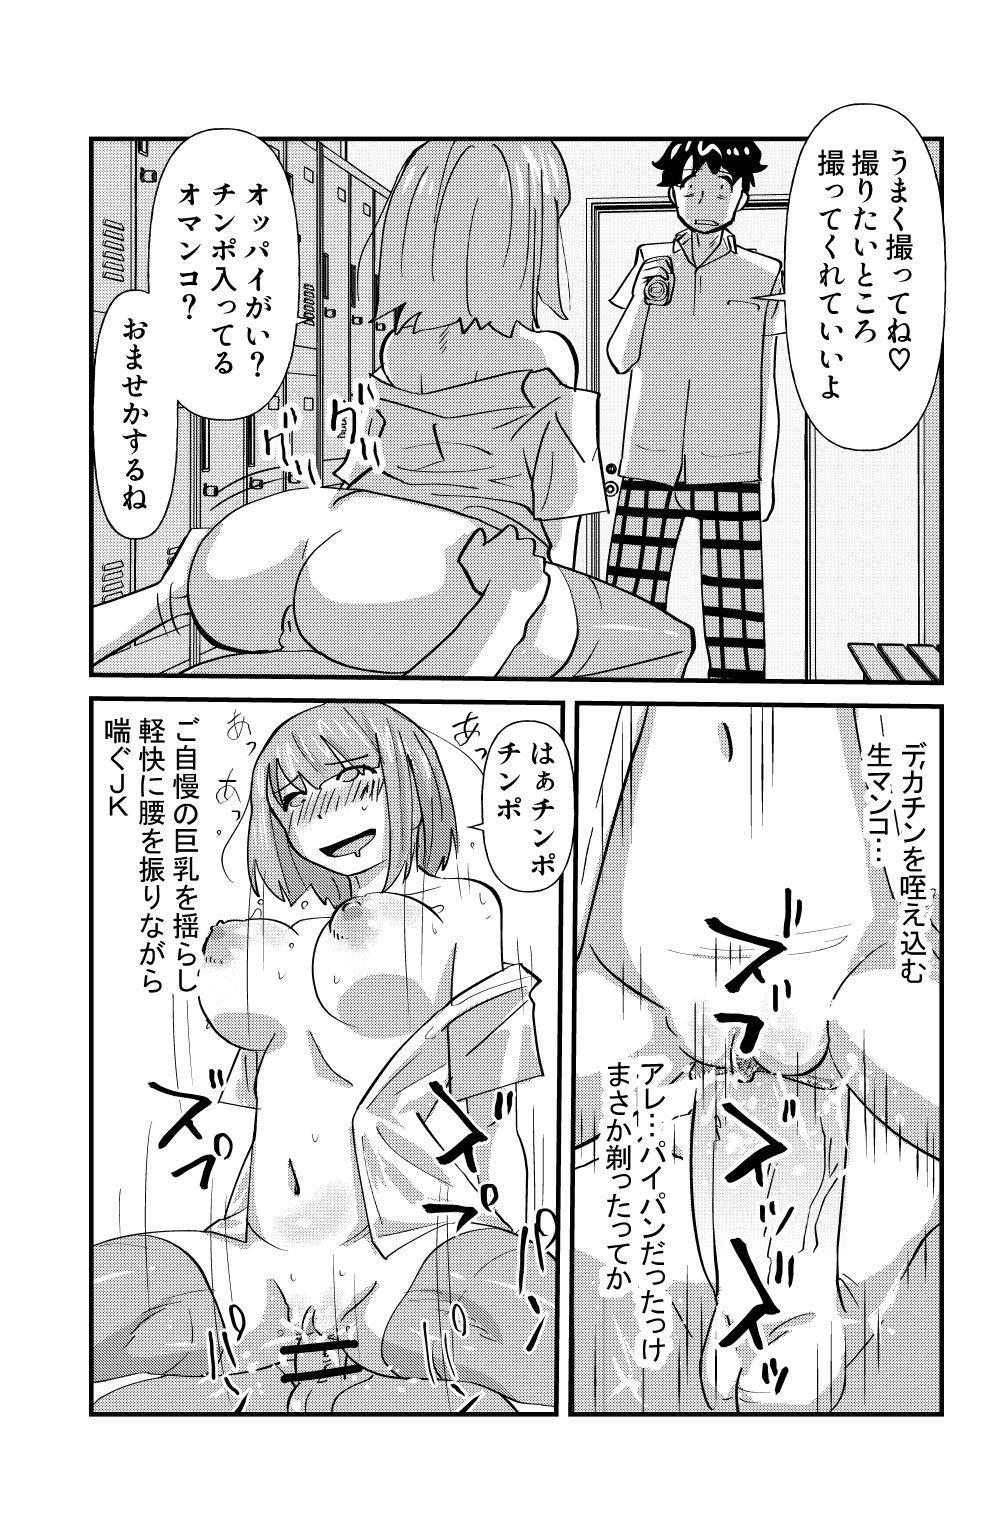 Otonashii-kei Joshi Mukai Honoka no Nichijou o Shitta Toki... 16